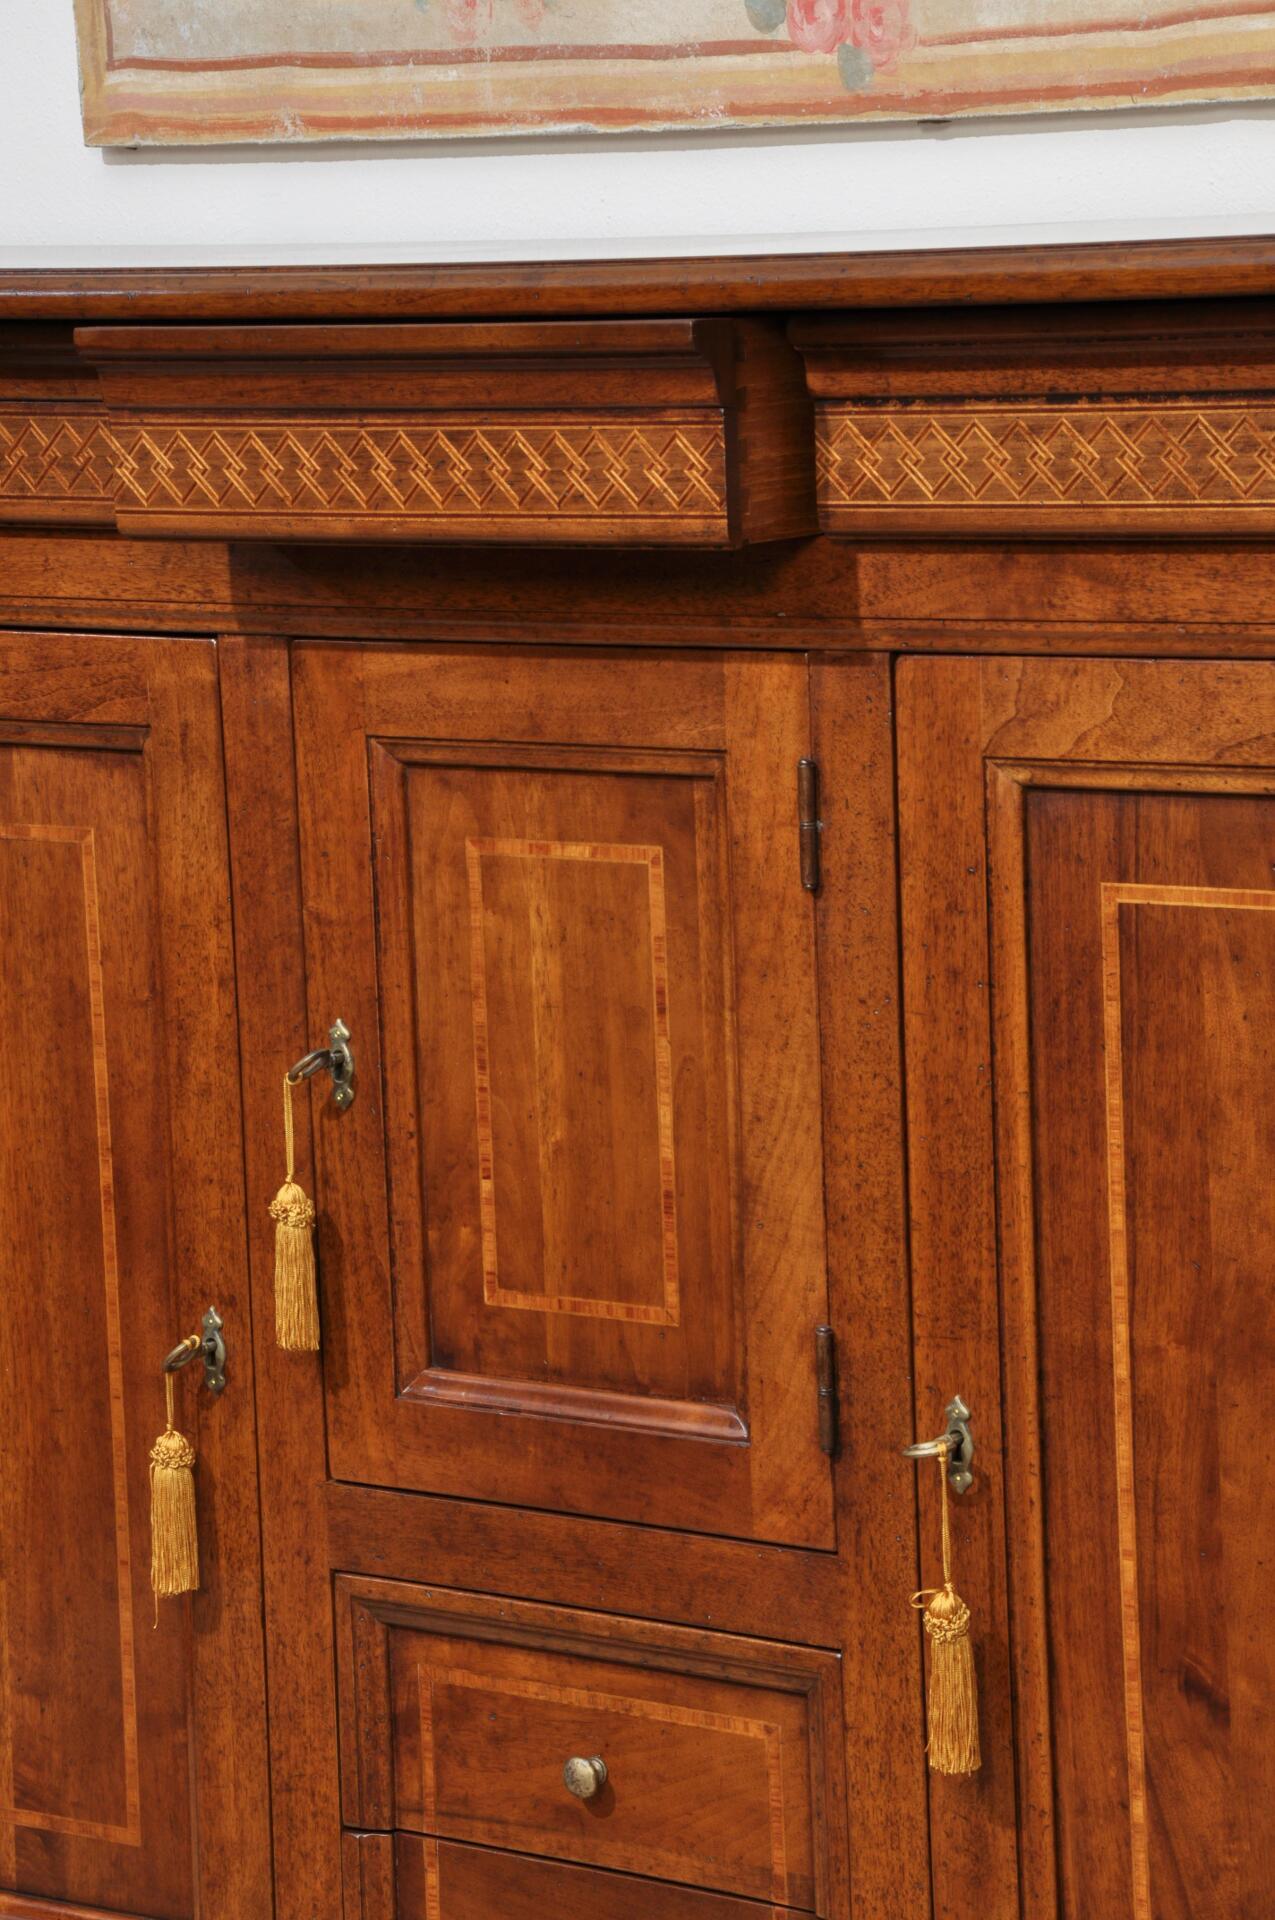 Credenzone a 5 cassetti e 3 ante intarsiata in stile for Mobili 600 toscano